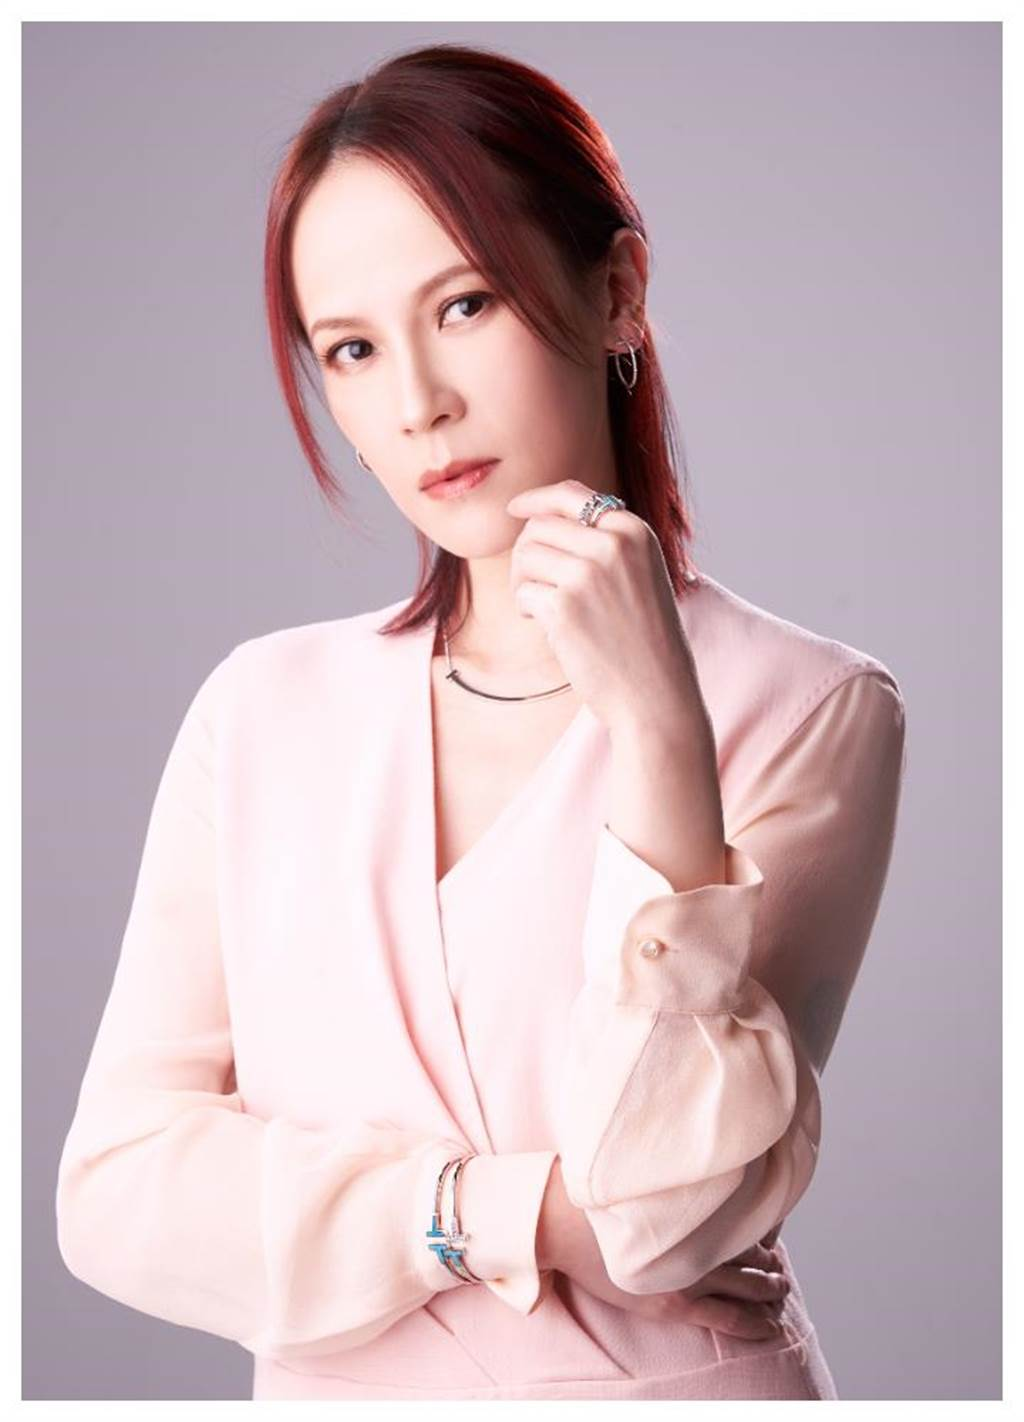 楊乃文佩戴Tiffany & Co.暢銷「Tiffany T」系列珠寶,項鍊的微笑曲線,流露剛中帶柔的女人味。(JOJ PHOTO攝,服裝提供/MaxMara)